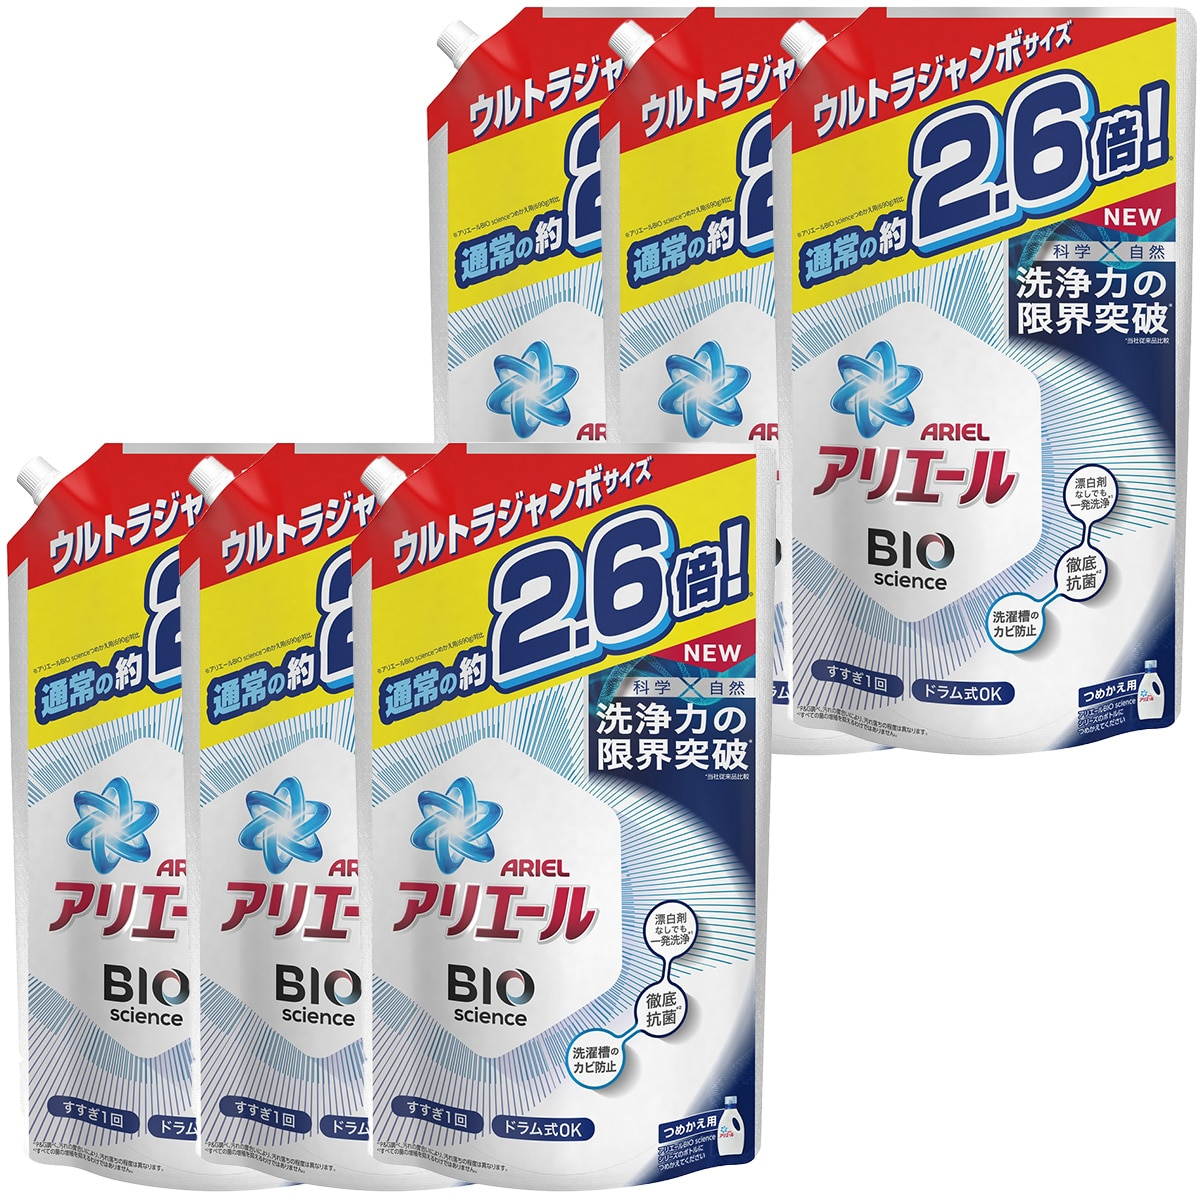 アリエール 液体 洗濯洗剤 つめかえ 超ジャンボ 1800mL×6袋